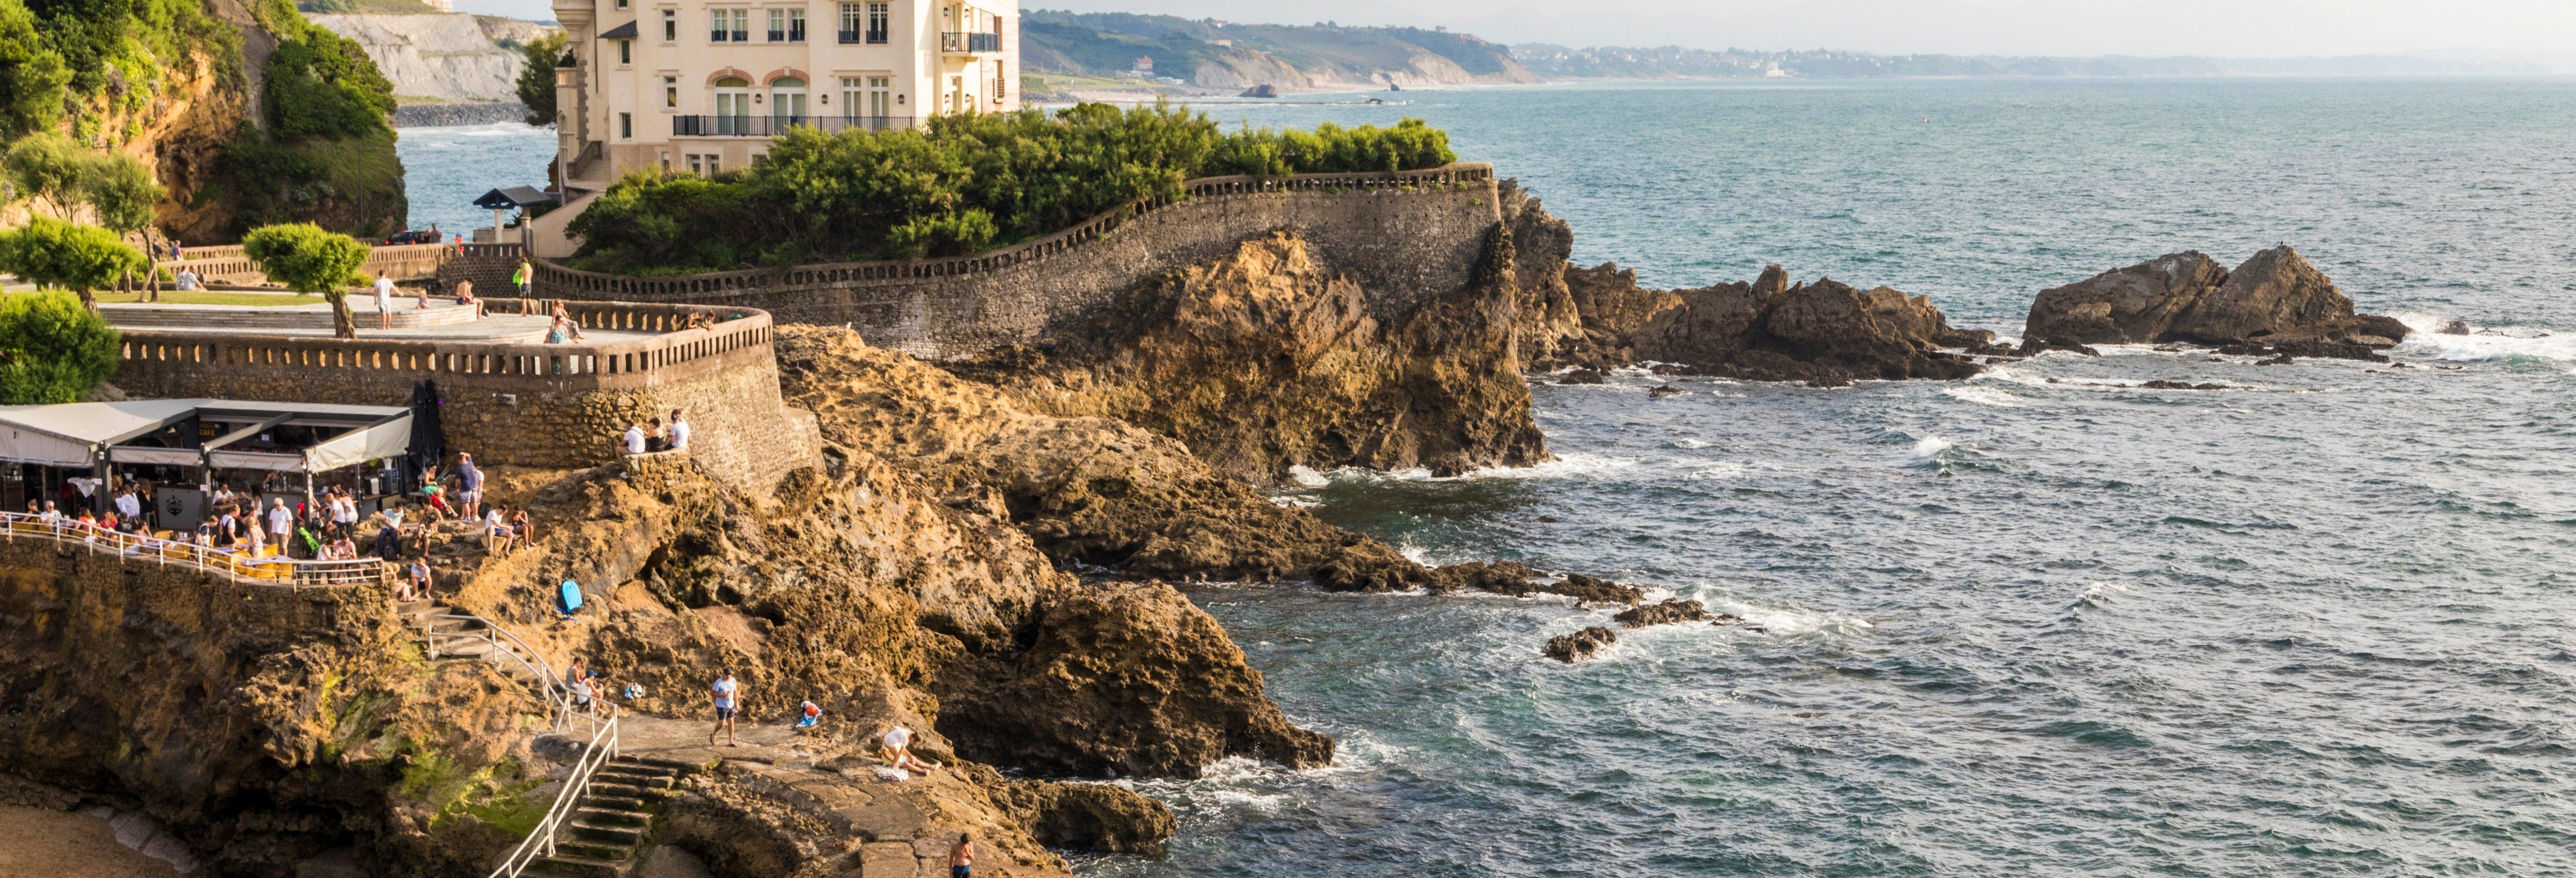 Excursión a Biarritz y la costa francesa